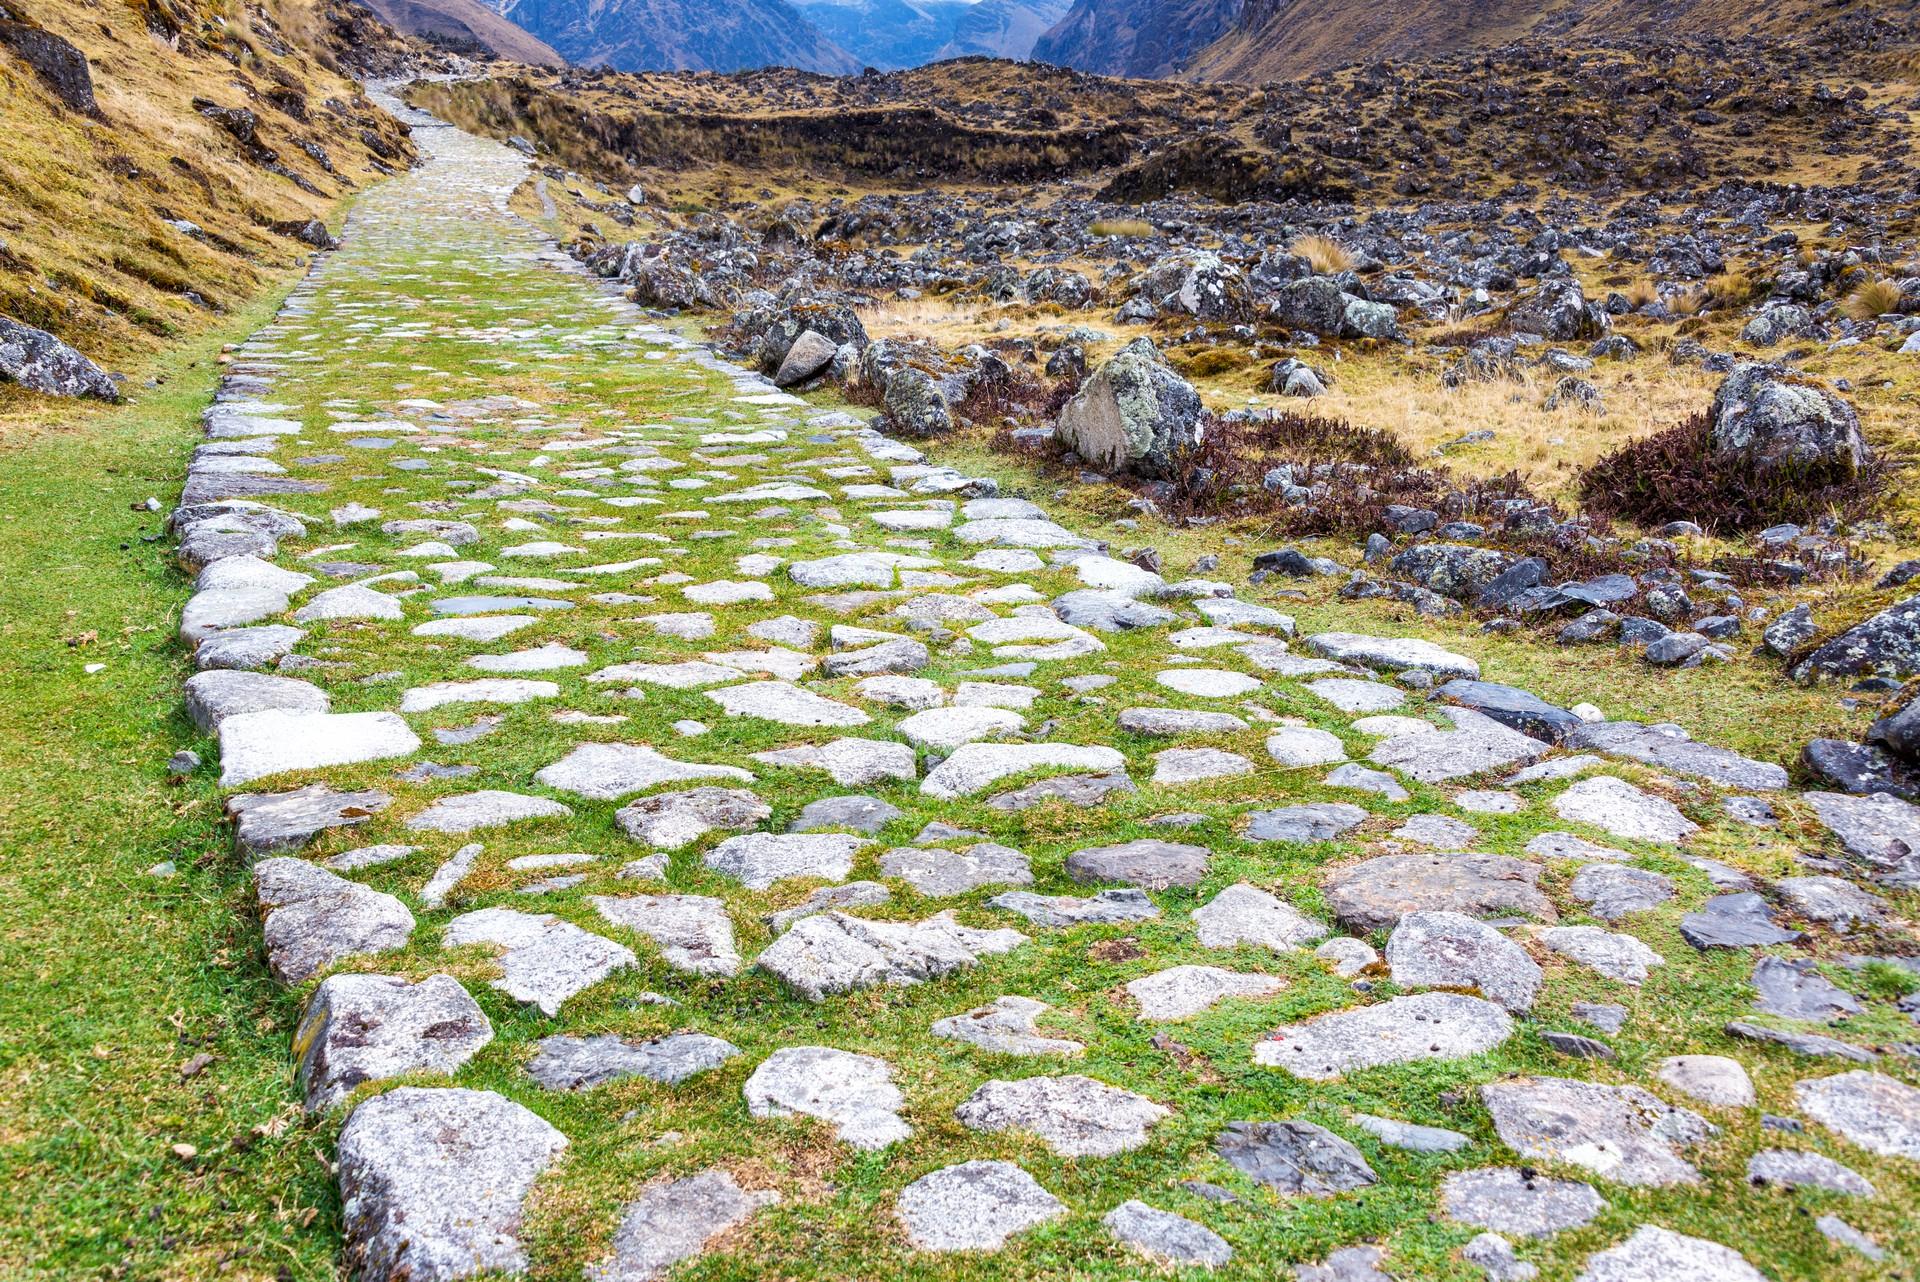 Ancient Qhapaq Nan trail in Bolivia, South America